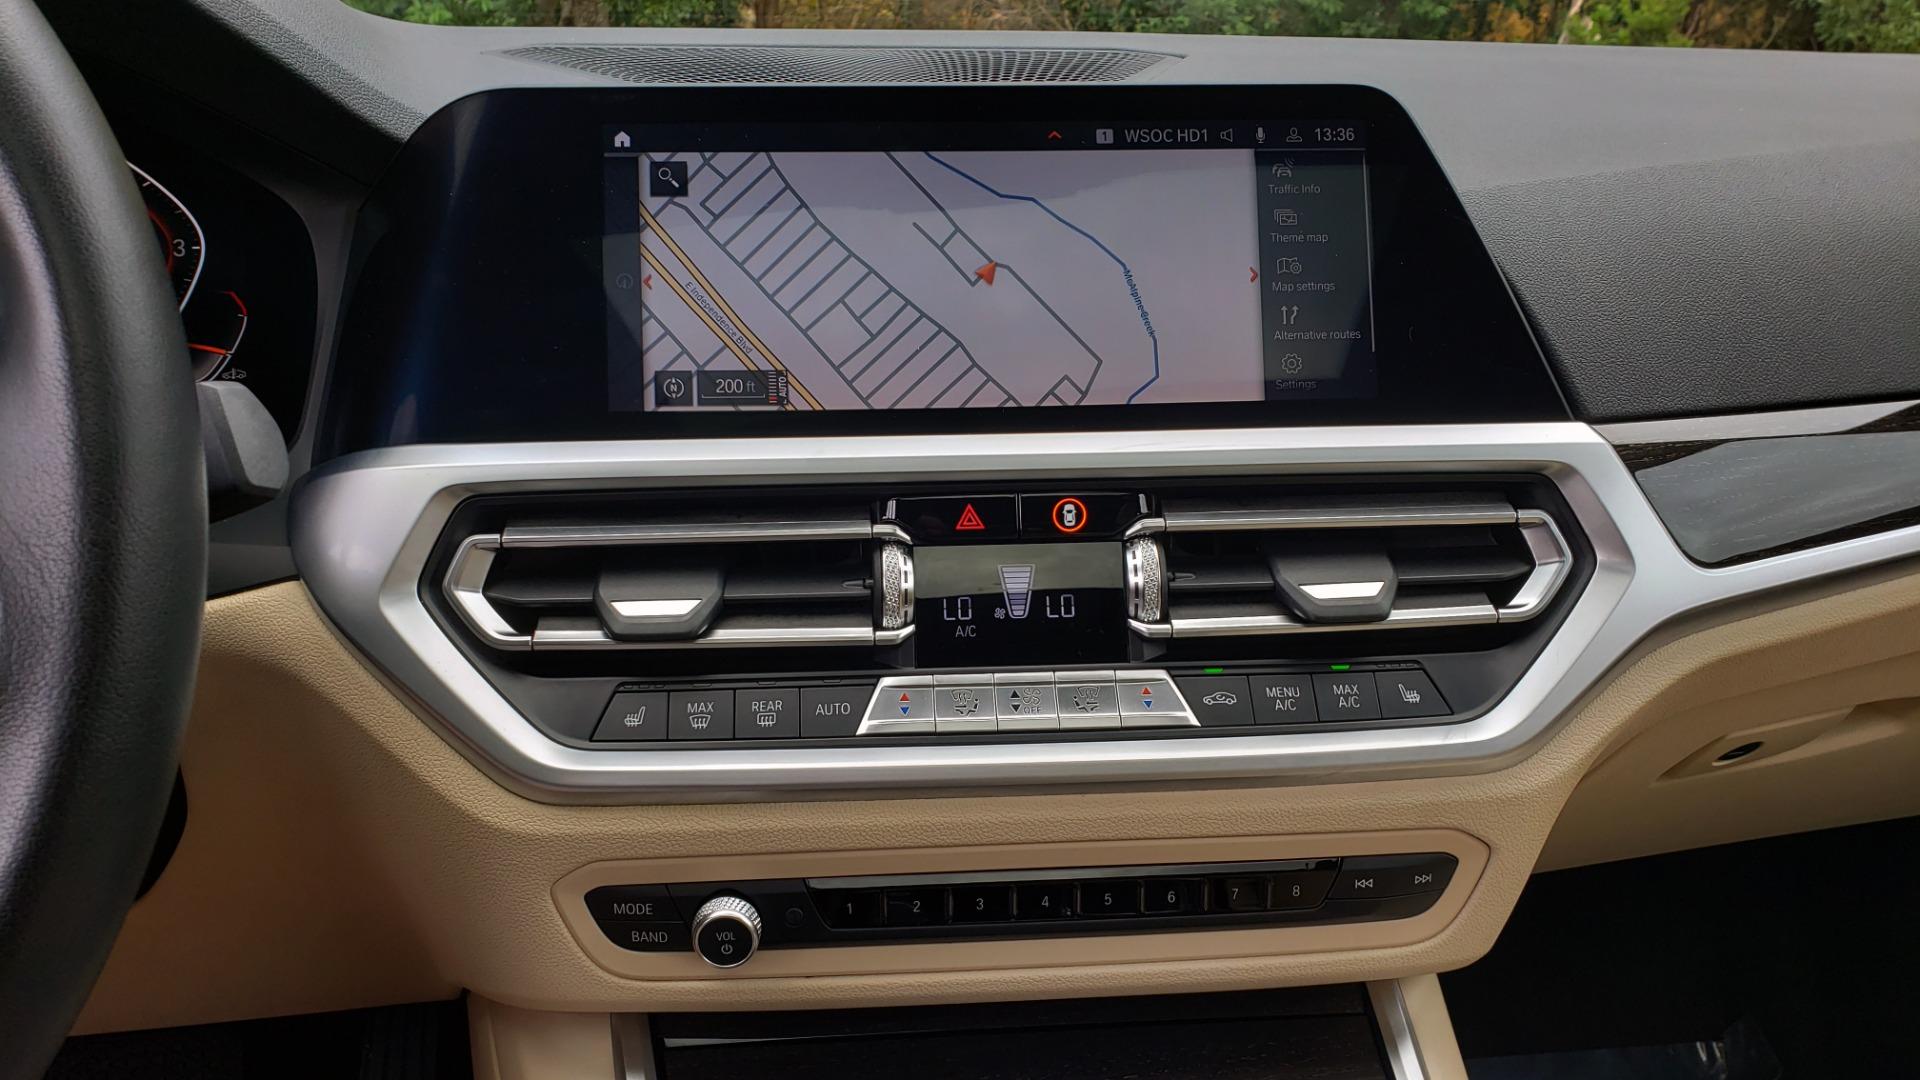 Used 2019 BMW 3 SERIES 330I PREM PKG / NAV / CONV PKG / H&K SND / LIVE COCKPIT PRO for sale Sold at Formula Imports in Charlotte NC 28227 49